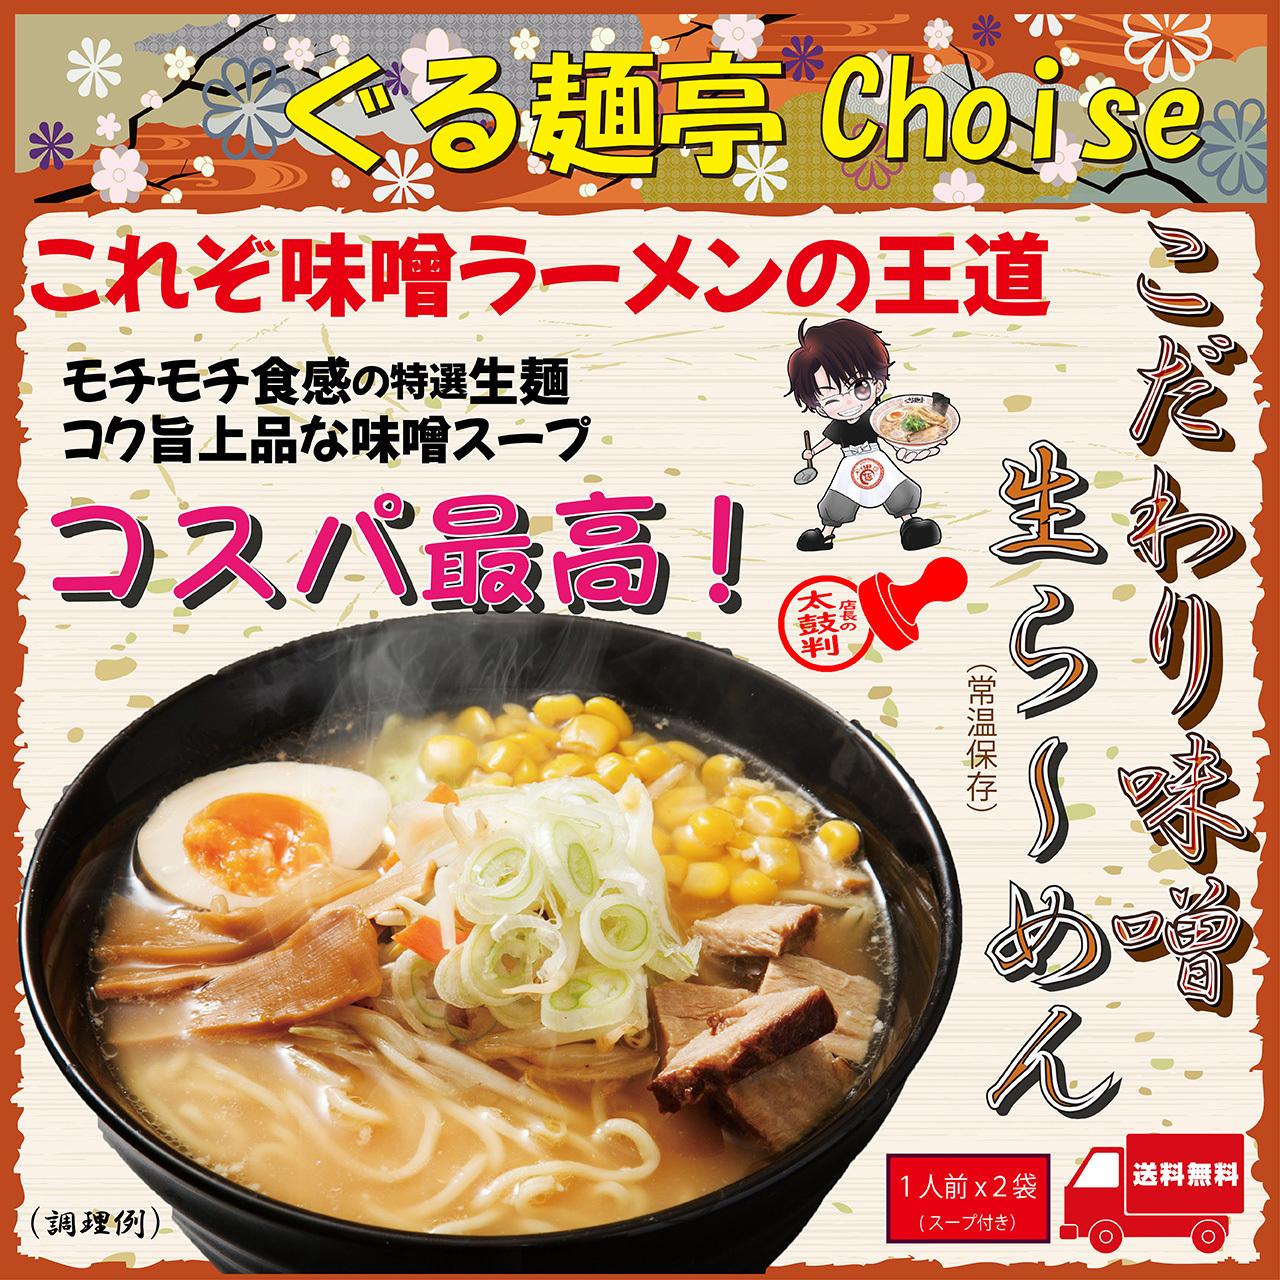 こだわり味噌ラーメン  常温保存 生麺 2食(スープ付き) 送料無料 ぐる麺亭choice